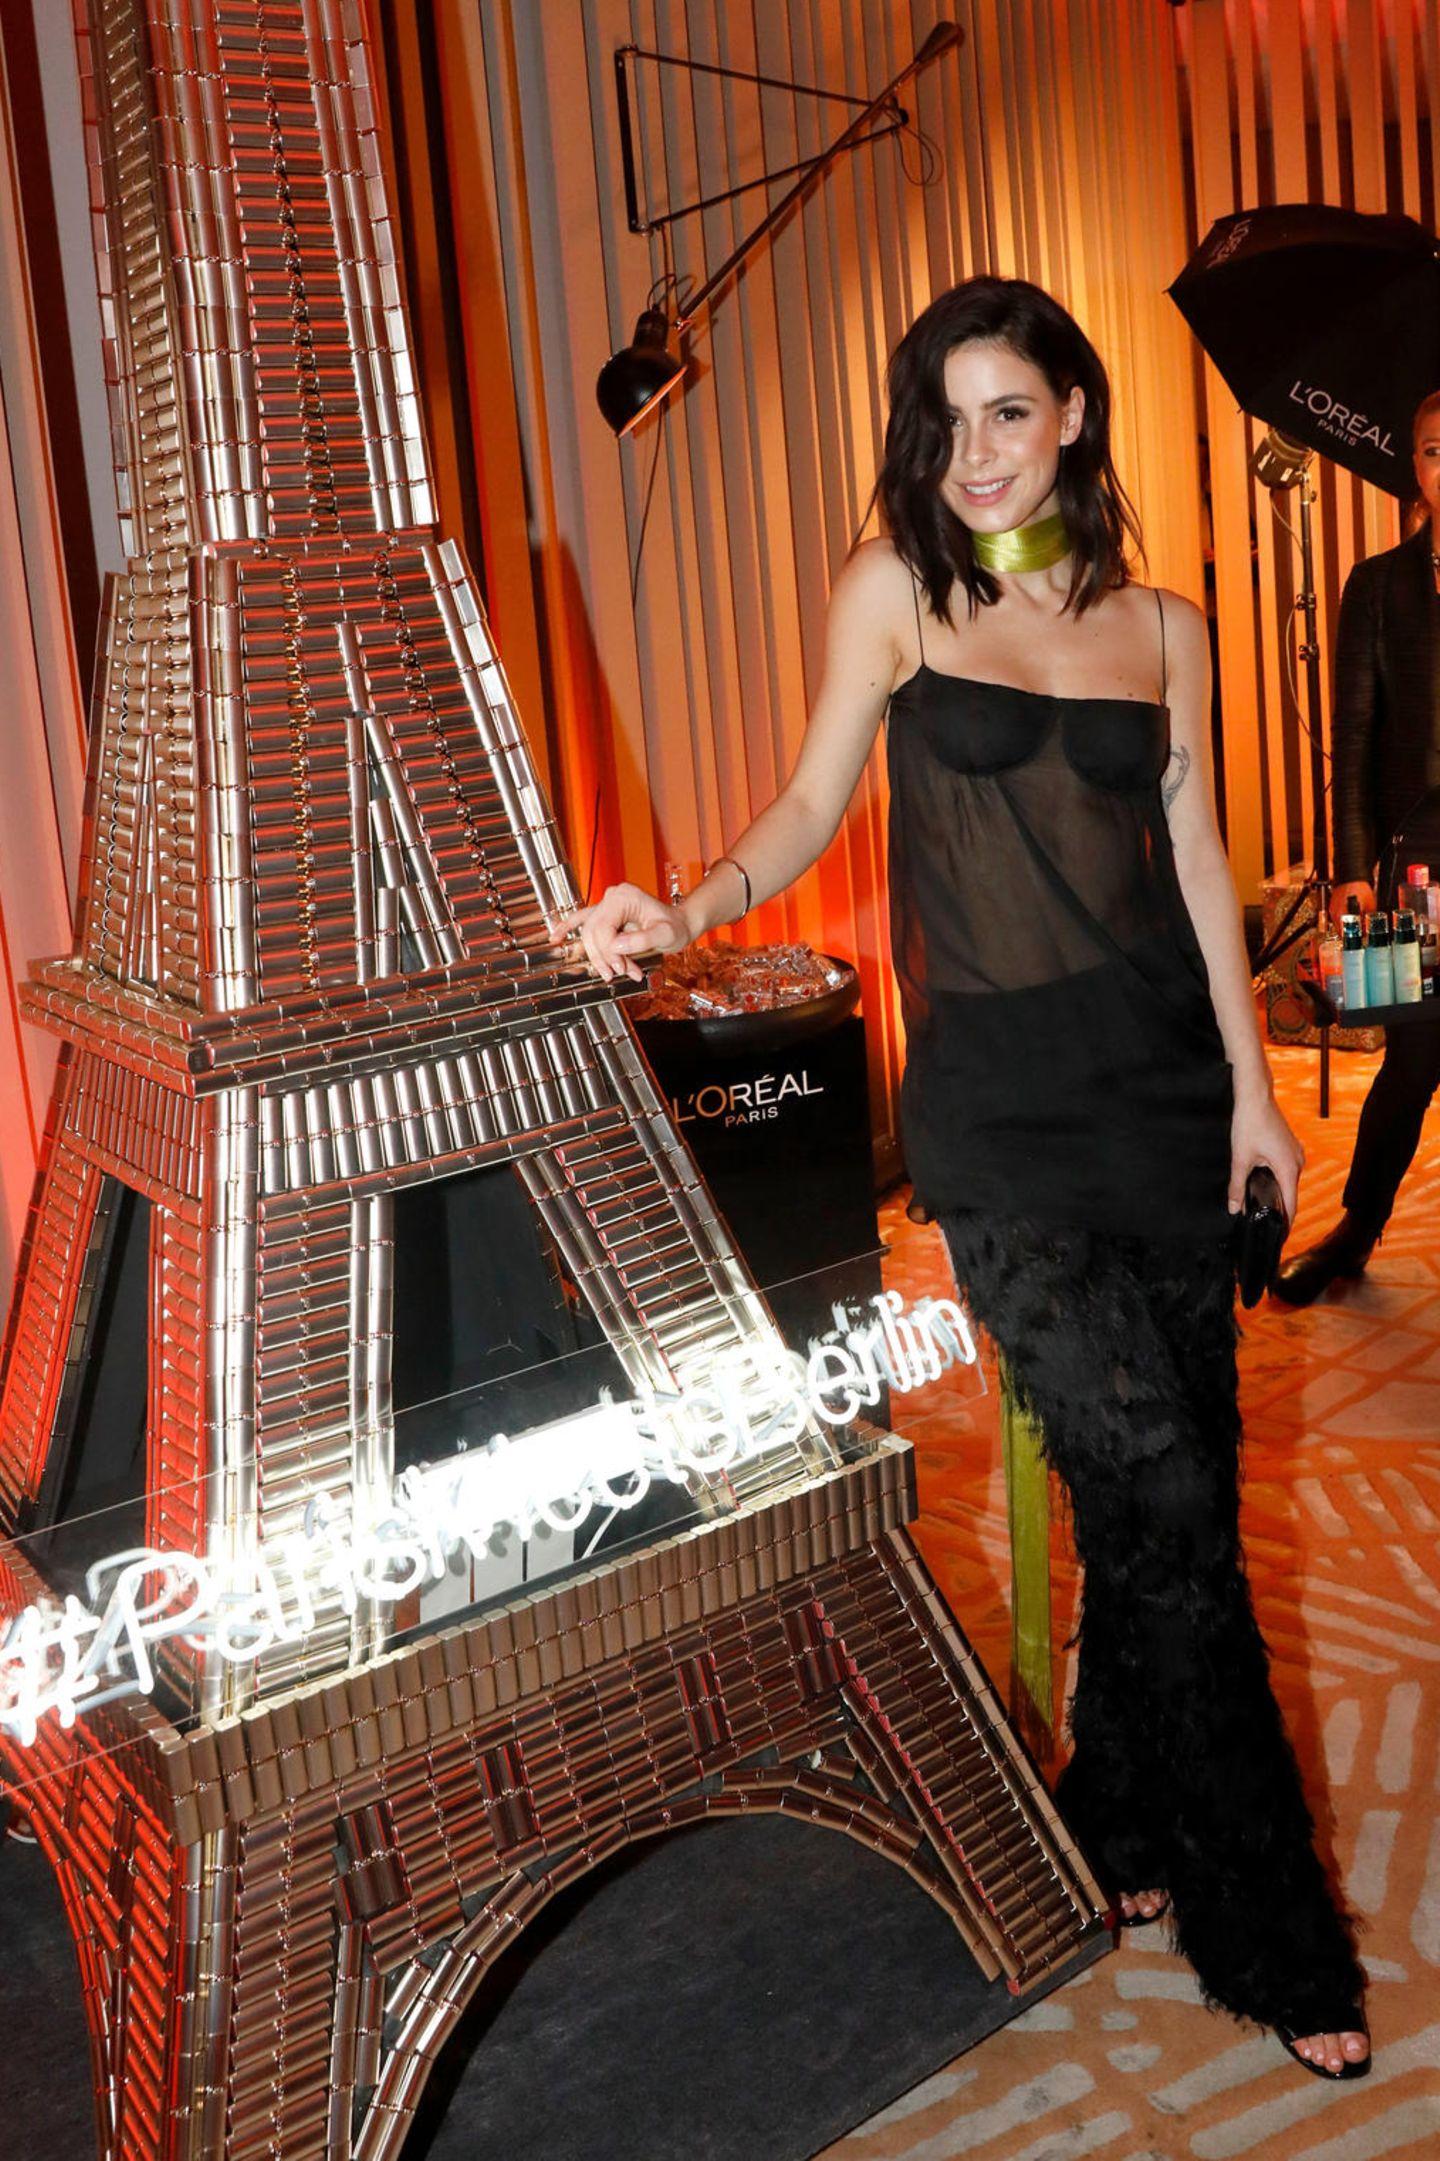 Als Testimonial lässt es sich Lena Meyer-Landrut natürlich nicht nehmen, dem stylischen Stand vonL'Oréal einen Besuch abzustatten.